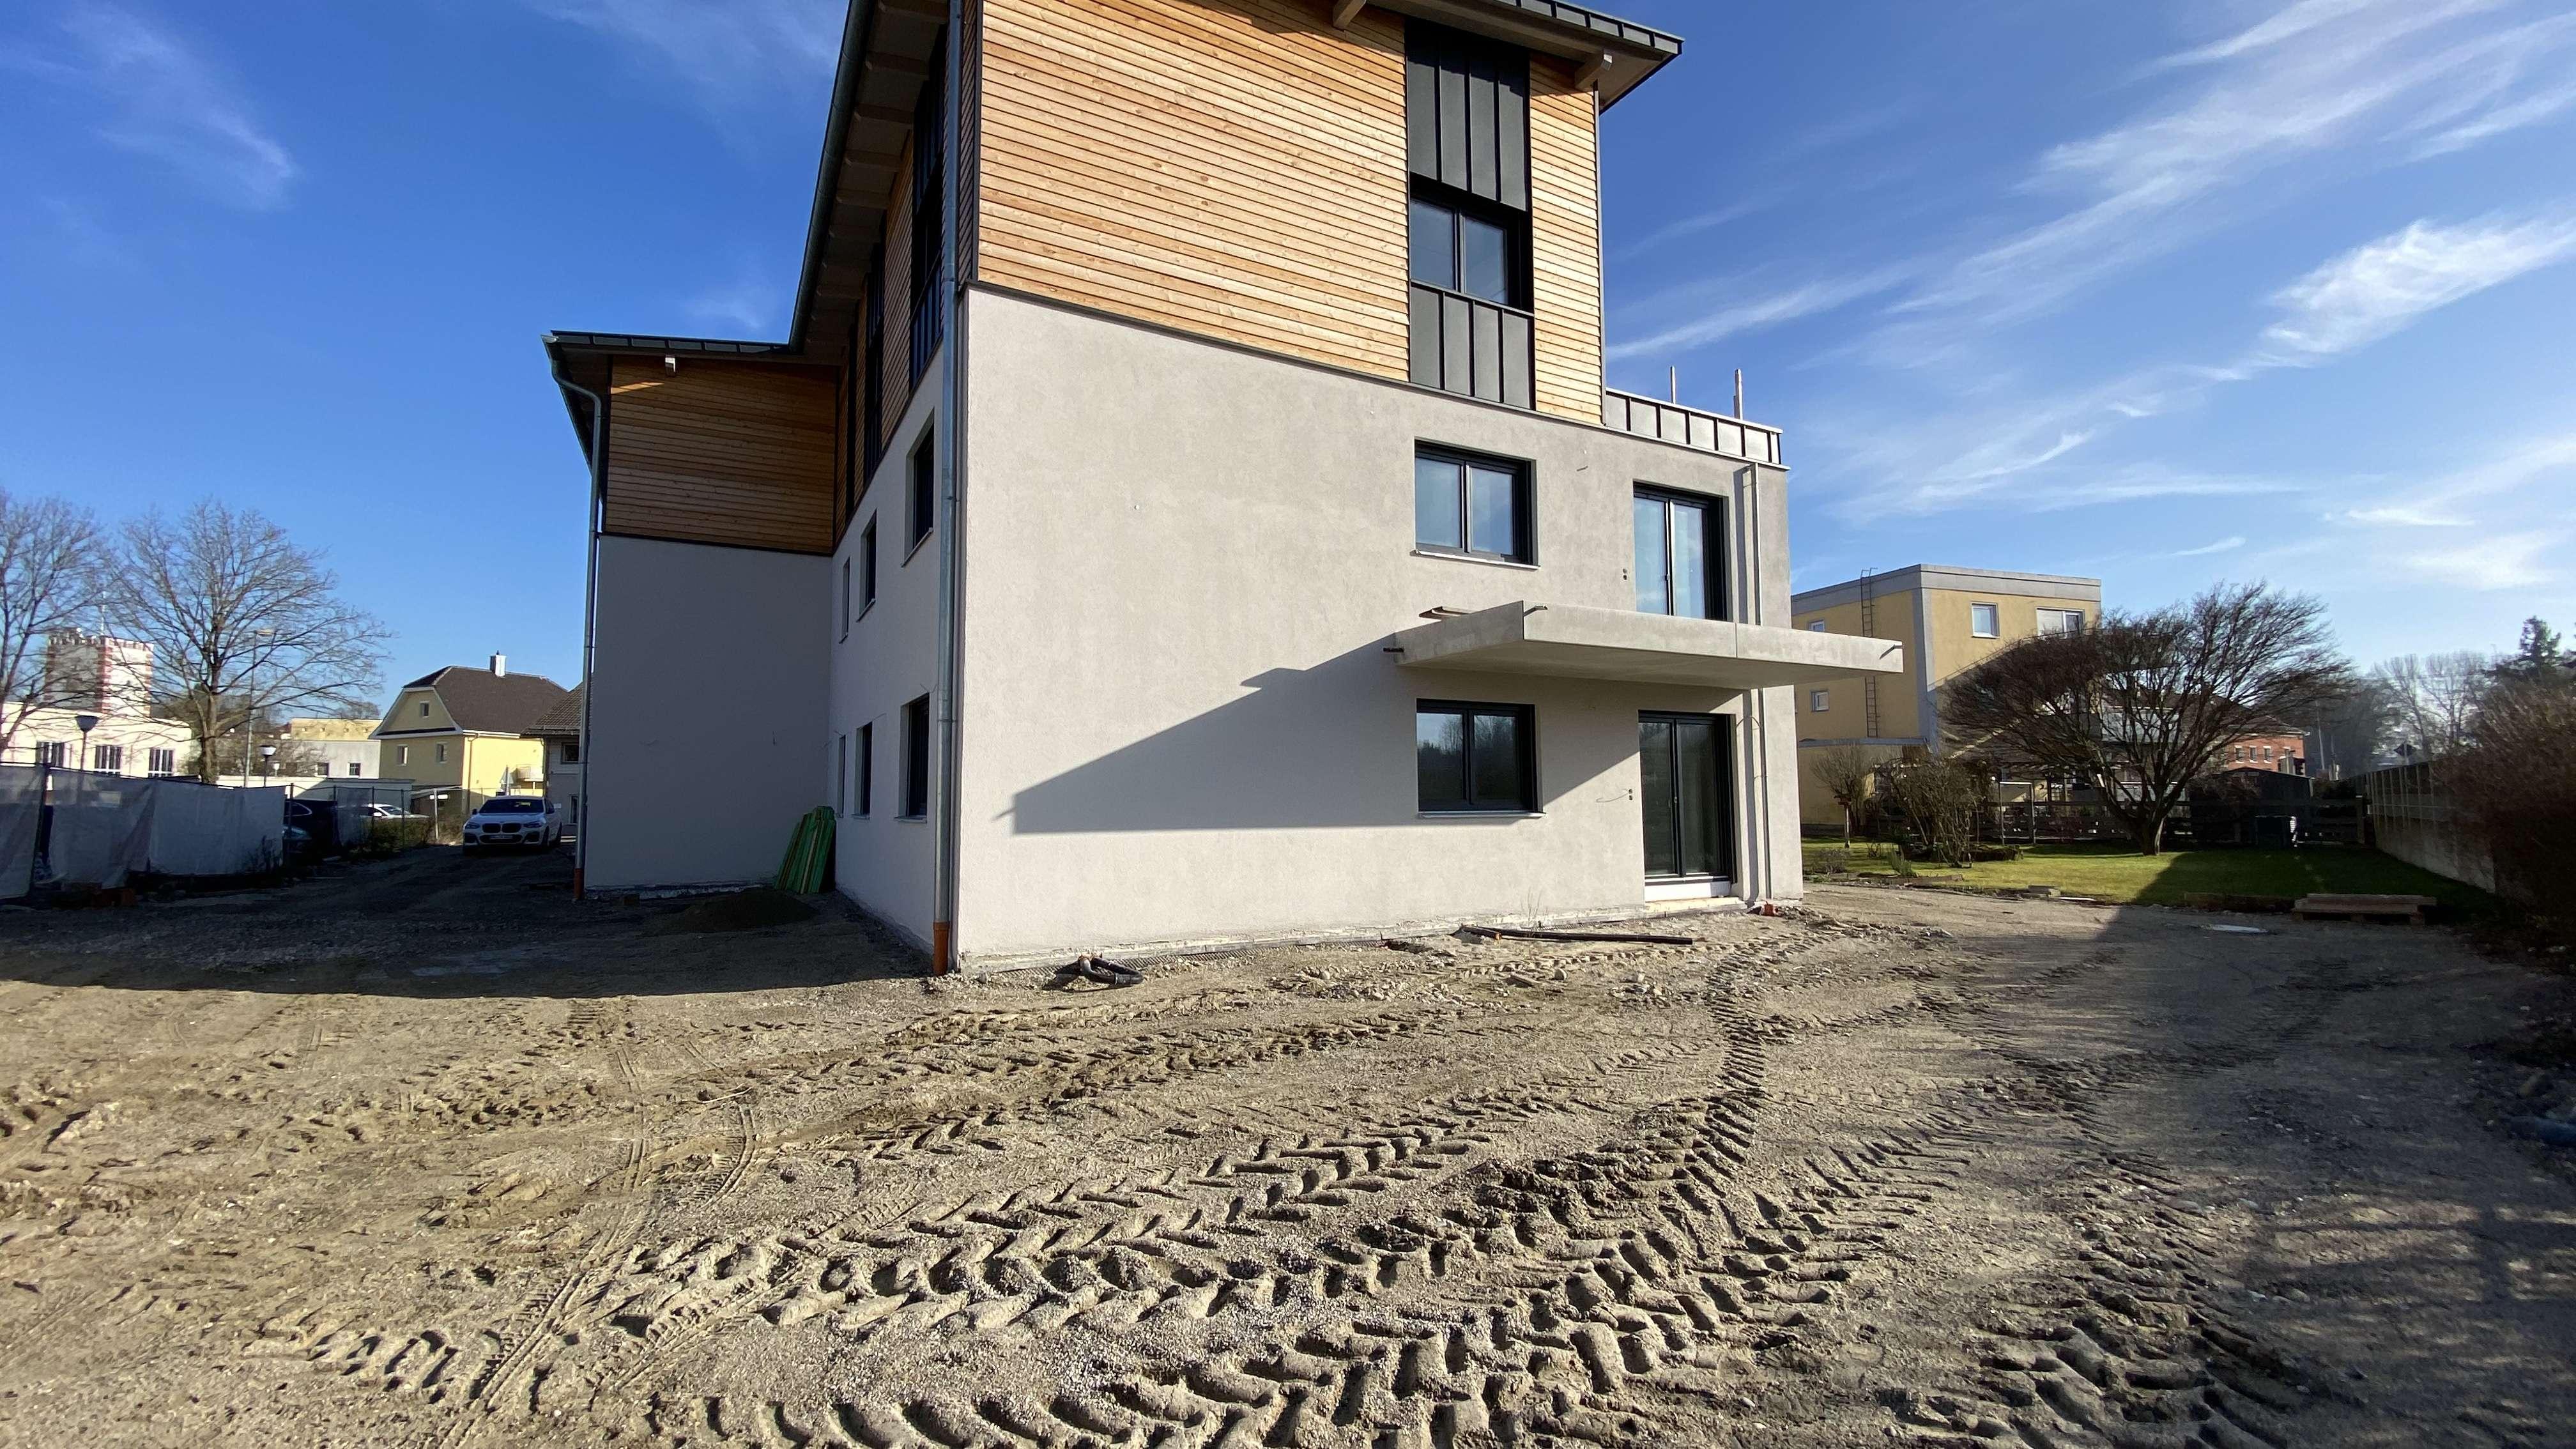 ... AIGNER - moderne gehobene 4-Zi-OG Neubauwohnung mit Westbalkon und EBK ... in Mühldorf am Inn